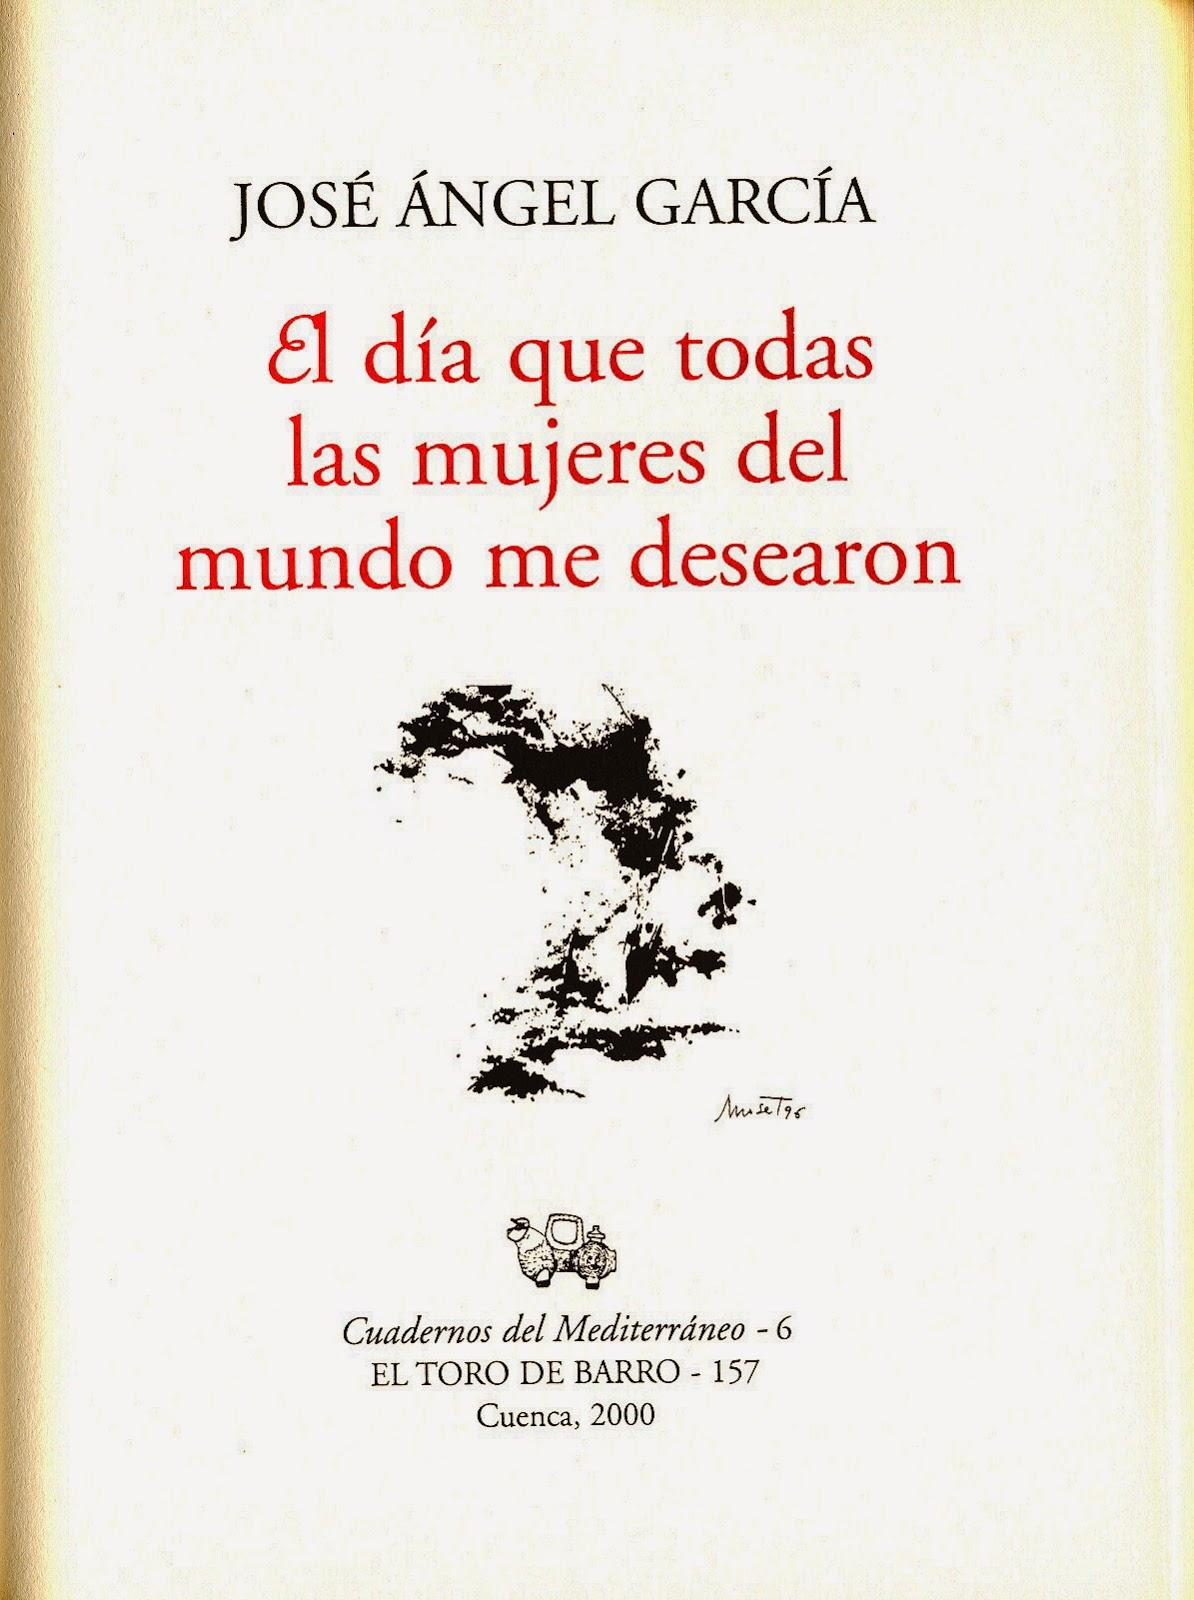 """José Ángel García, """"El día en que me amaron todas las mujeres"""",Col. Cuadernos del Mediterráneo. Ed. El Toro de Barro, Tarancón de Cuenca 2000."""